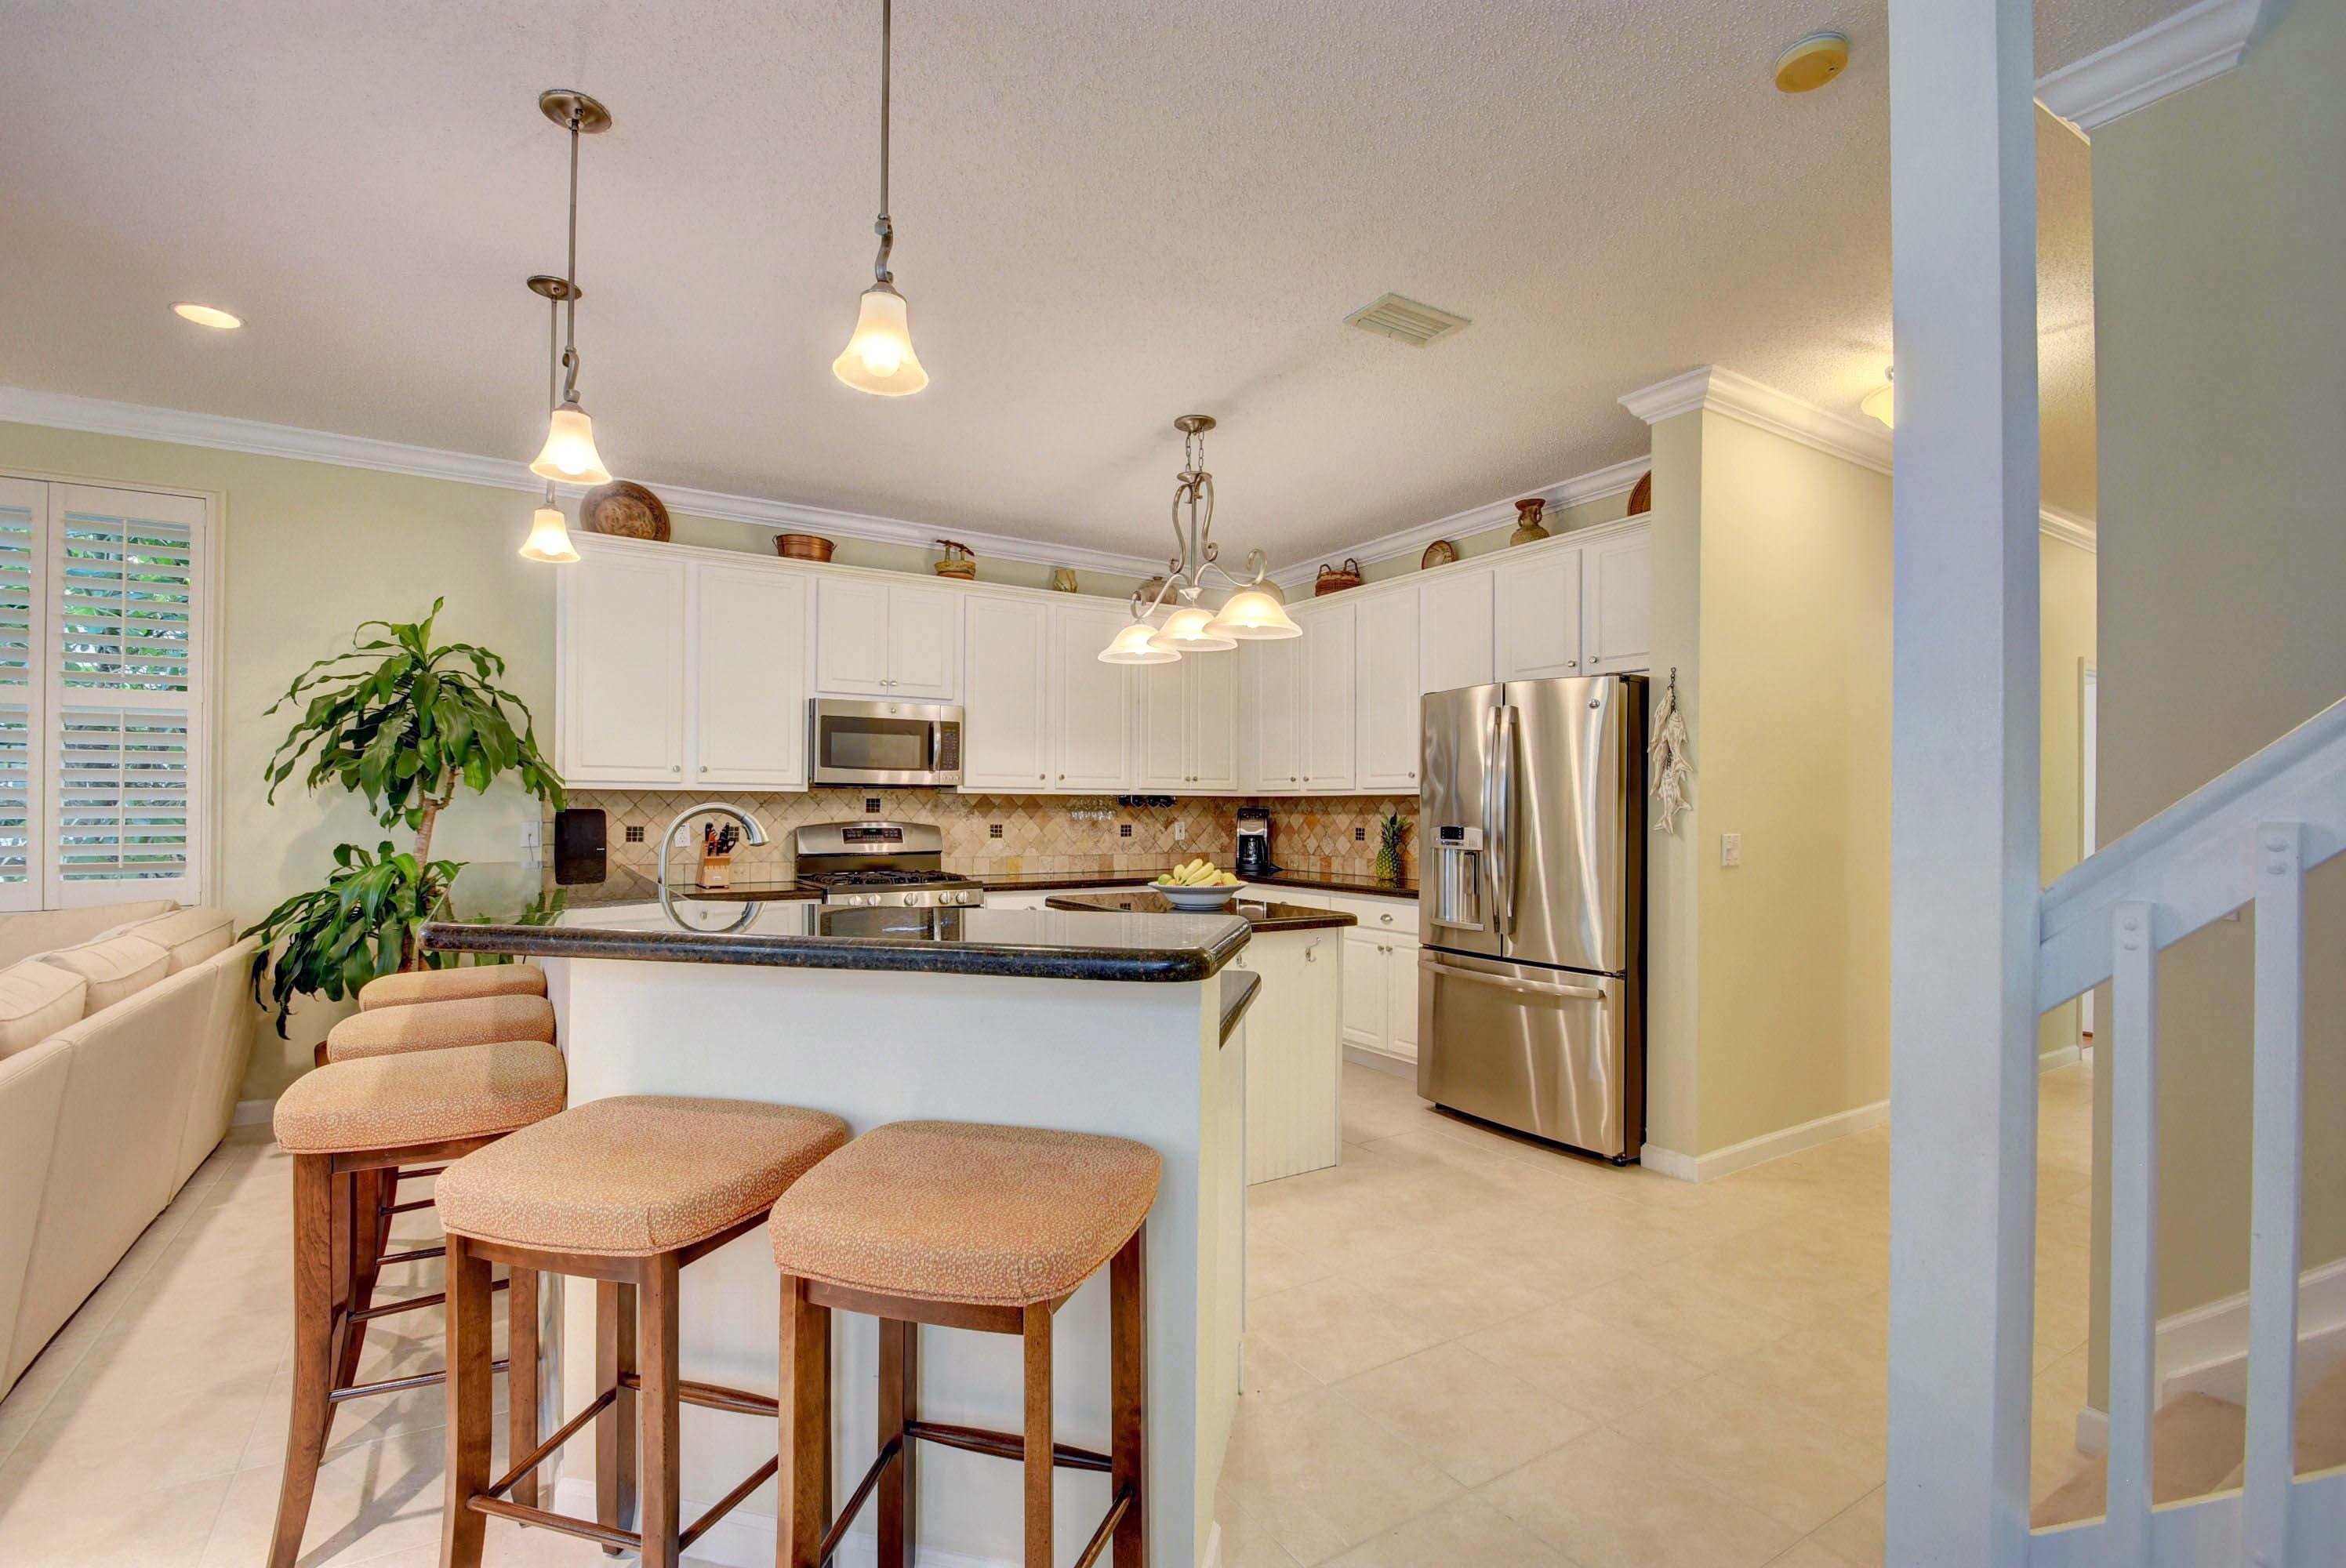 270 Kensington Way Royal Palm Beach, FL 33414 photo 14